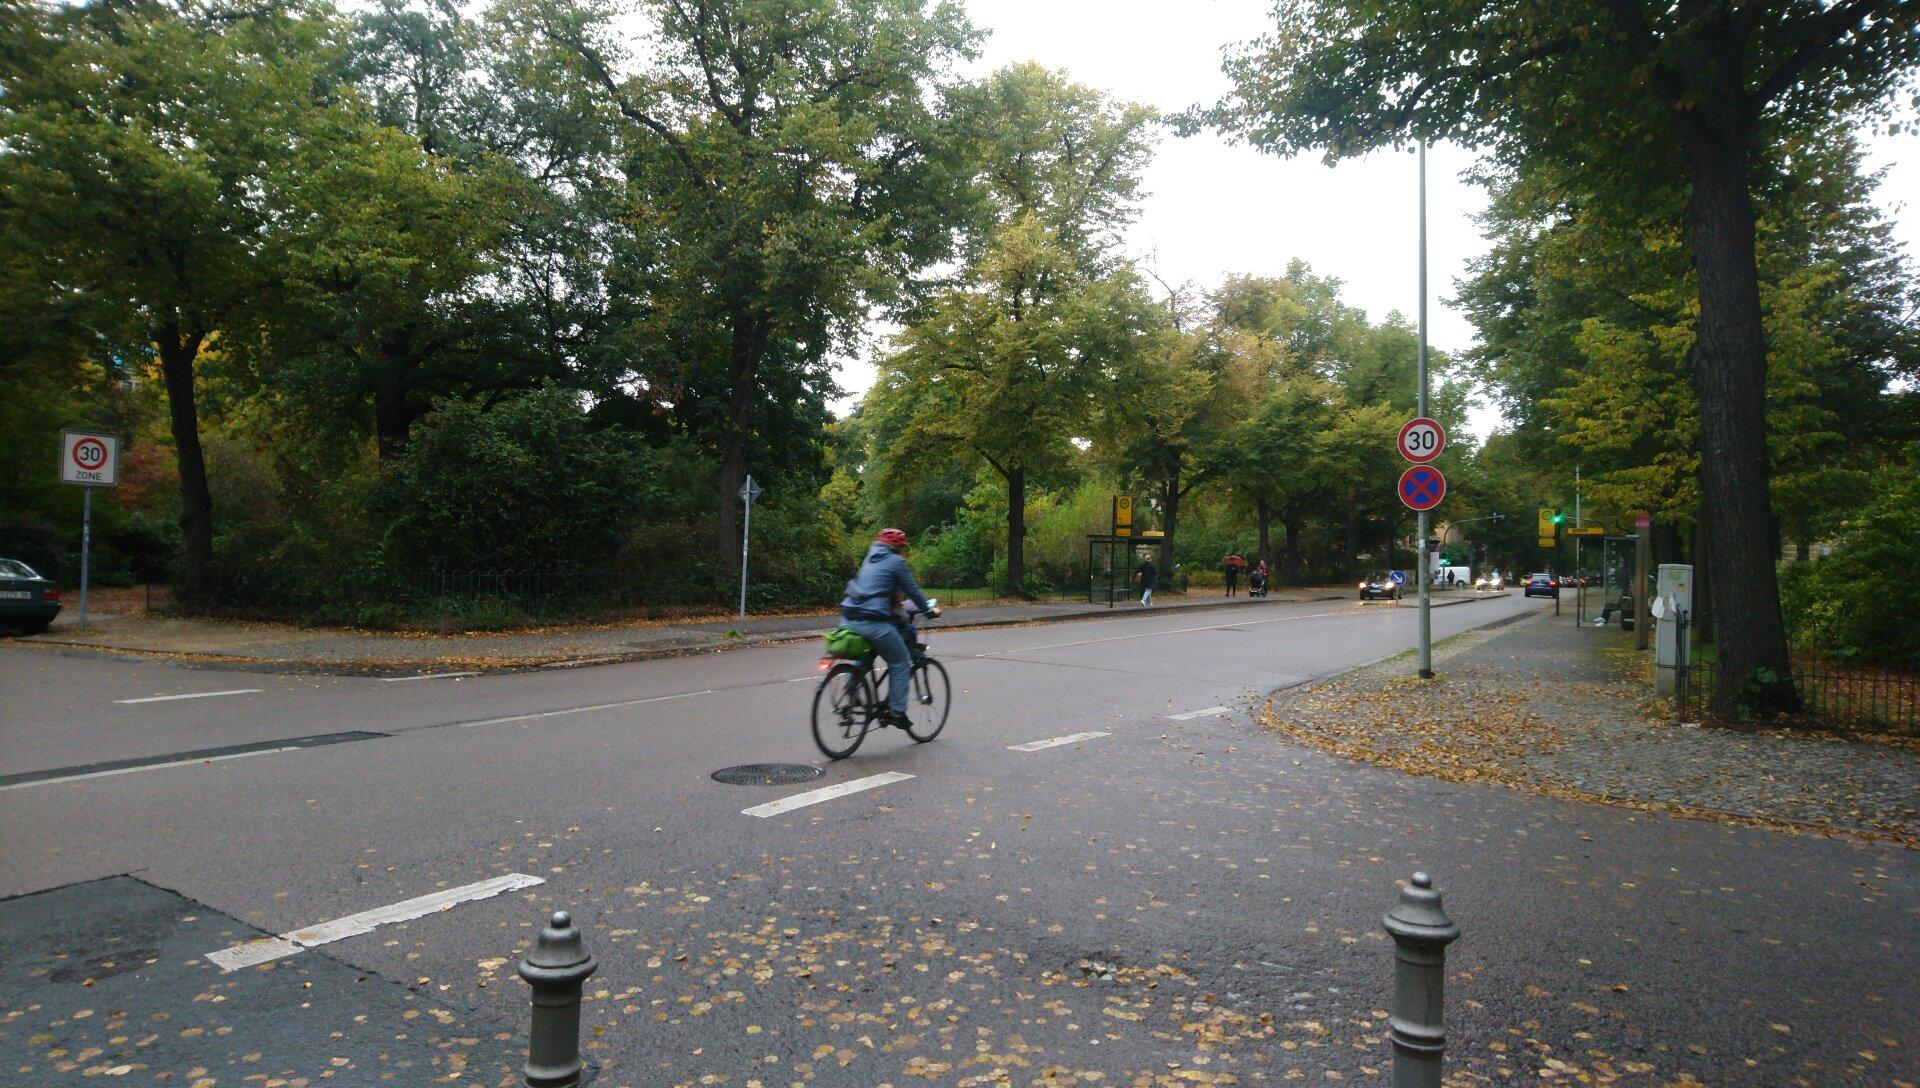 Reisewitzer Straße mit Fahrradfahrer und Tempo 30-Schild